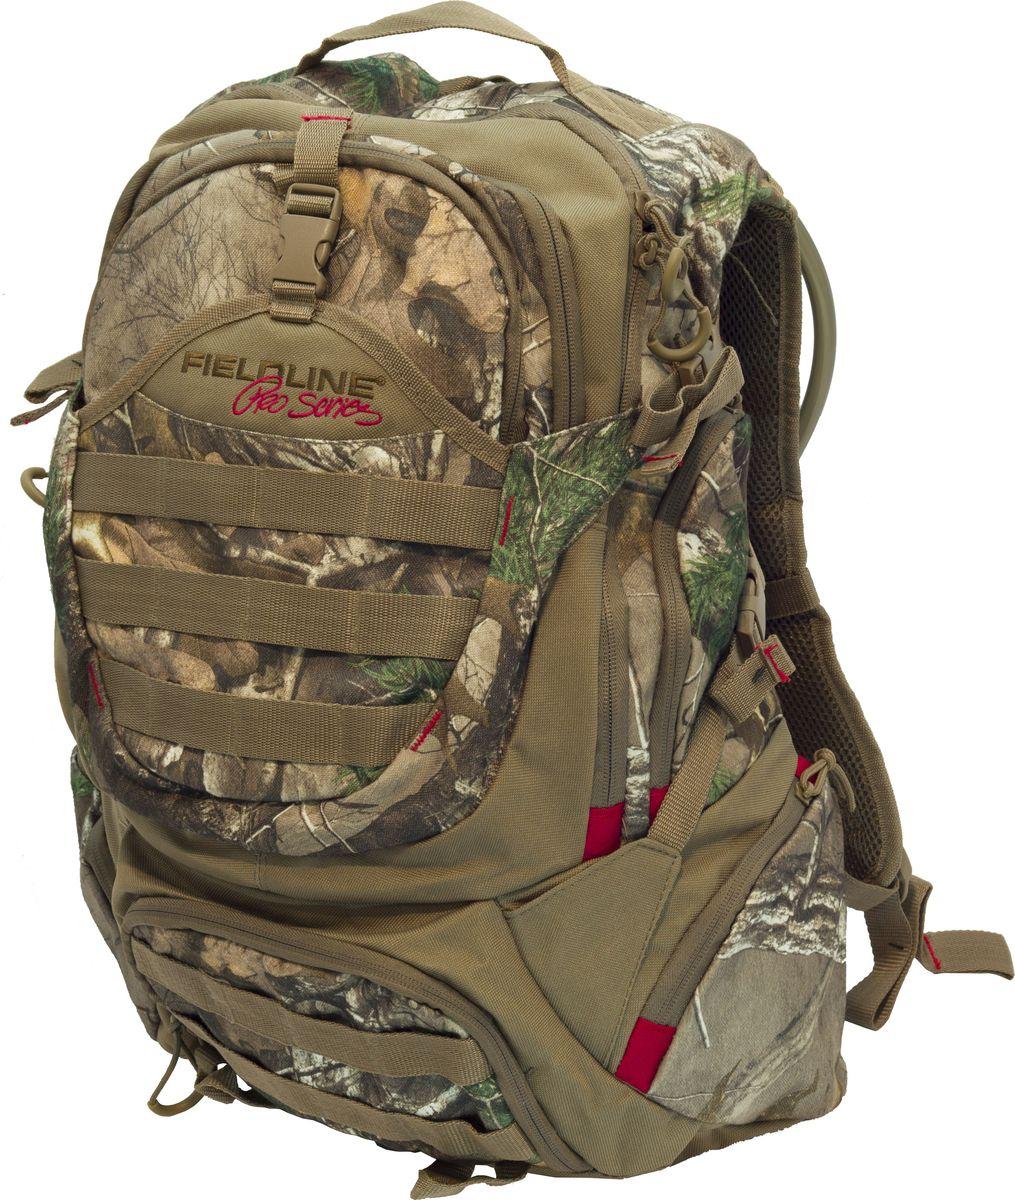 """Рюкзак для охоты Fieldline Ultimate Hunters 2 Day Pack, цвет: камуфляж, светло-коричневый020968591167Камуфлированный рюкзак для 1-2 дневных охотничьих маршрутов, выполненный из прочной, малошуршащей ткани.Особенности:Встроенный легкий алюминиевый каркас """"Y образные плечевые ремни с центральной регулировочной поперечной утяжкойБольшой основной отсек с молниейВместительный дополнительный отсекДвухлитровая питьевая системаСпециальное внешнее фронтальное отделение для хранения снаряженияВерхний центральный карман с внутренним карманом из сетки на молнии 4 боковых кармана на молнии Нижний карман на молнии с органайзеромБесшумные пулеры на молнияхФронтальная стропы для крепления дополнительного снаряжения4 компрессионные стропы для распределения нагрузки и крепления дополнительного груза."""